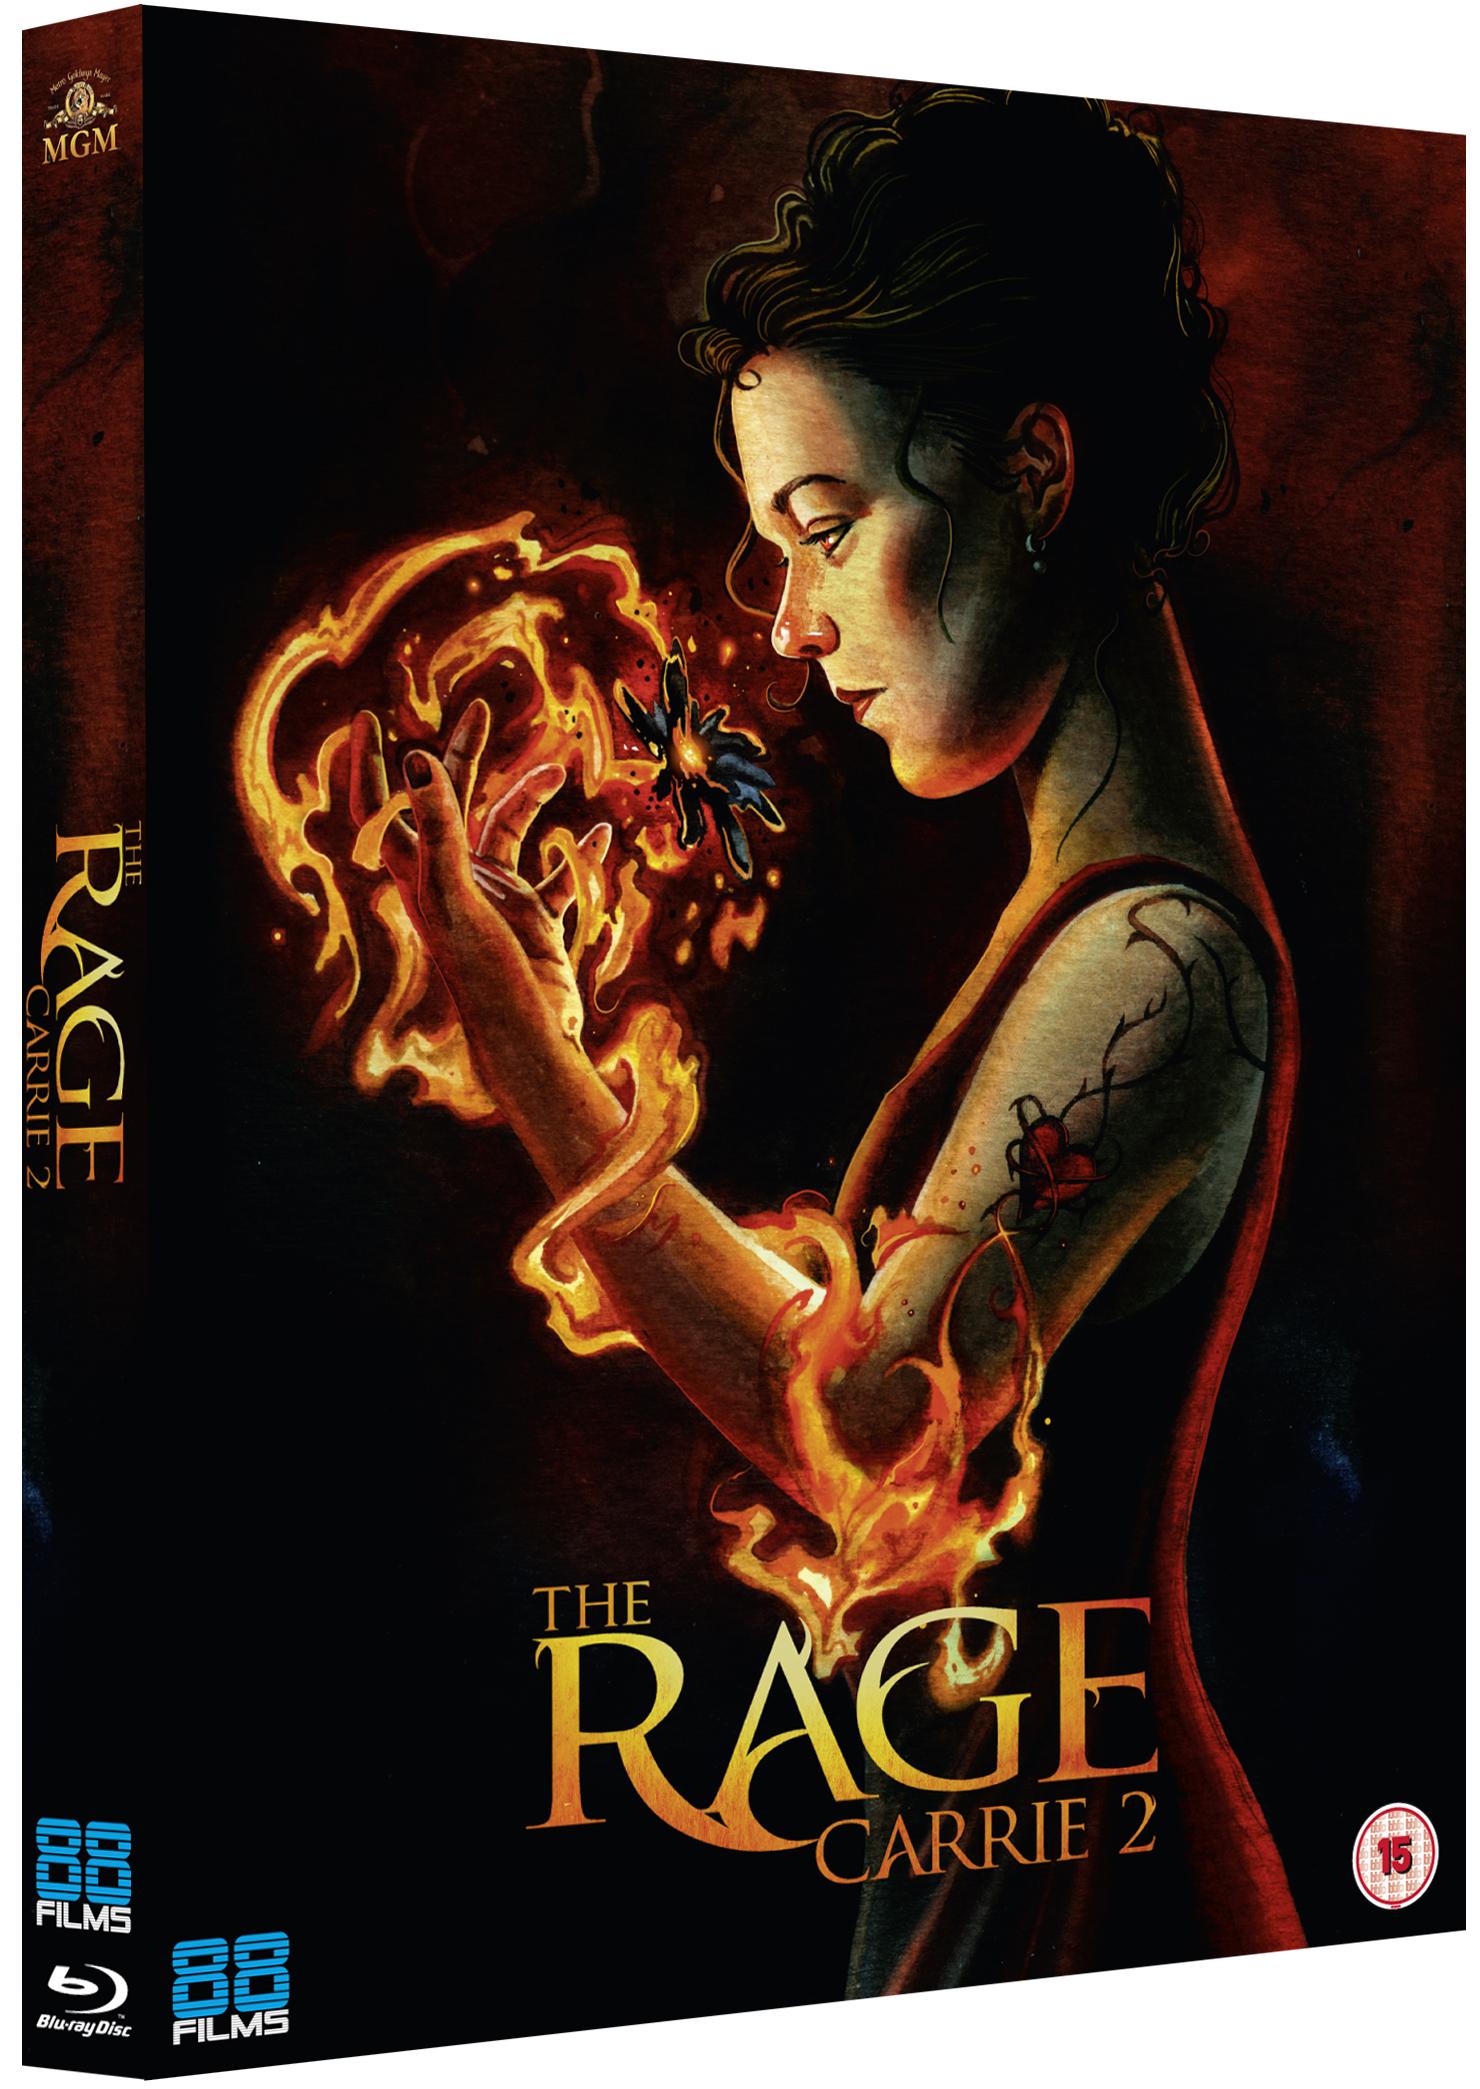 The Rage Carrie 2 - packshot (88 Films) .jpg